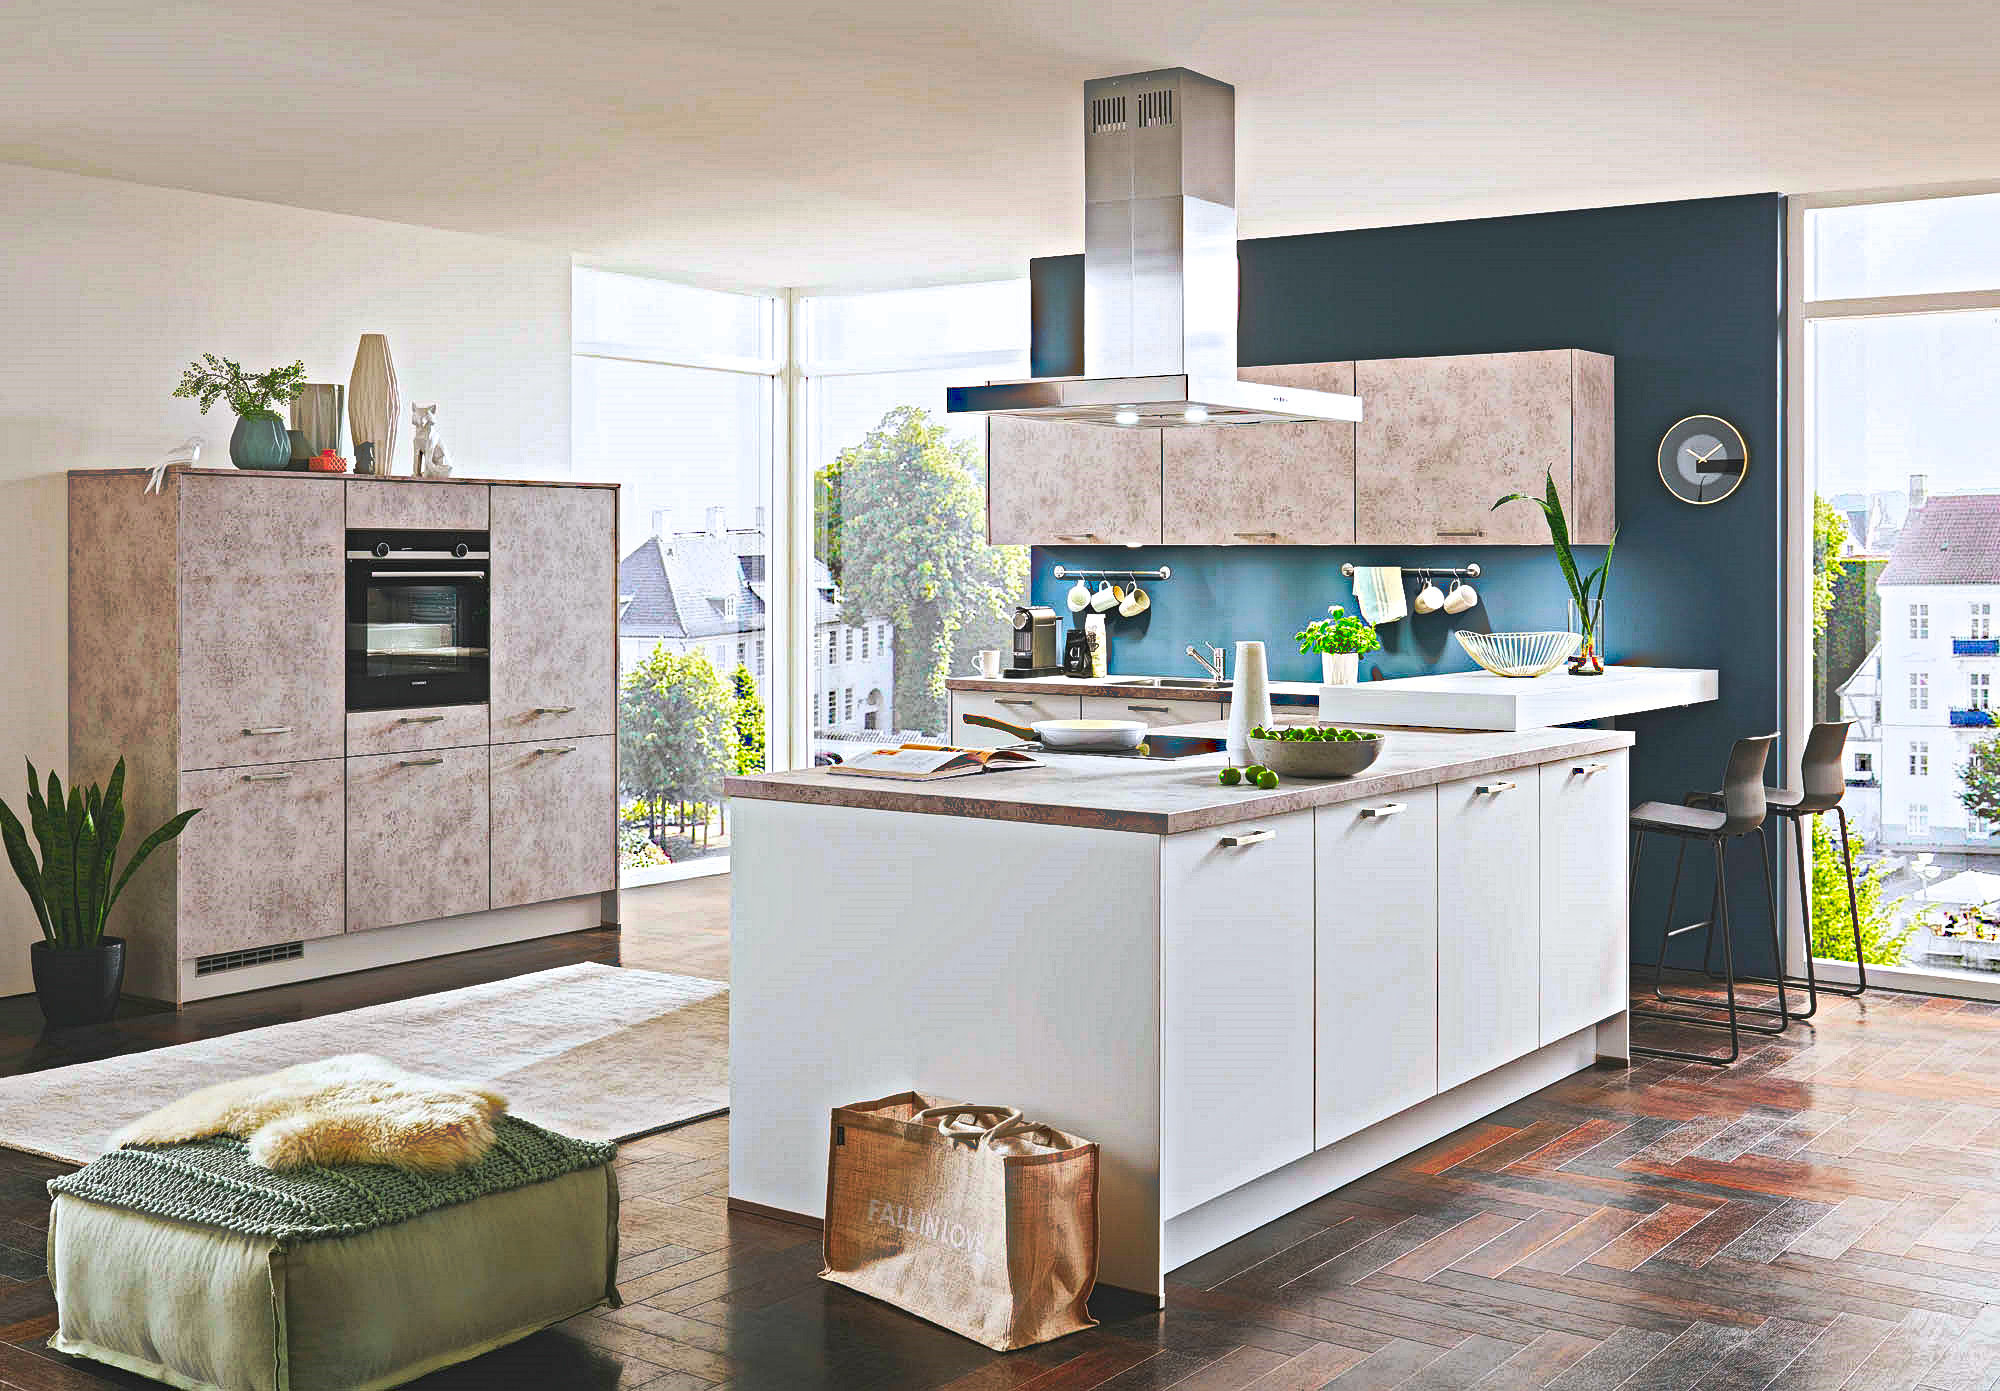 Full Size of Moderne Kche Mit Mittelinsel Gnstig Kaufen Auf 7000m2 Kchen Küche E Geräten Günstig Billige Erweitern Modulare Einbauküche Gebraucht Hochschrank Wohnzimmer Küche